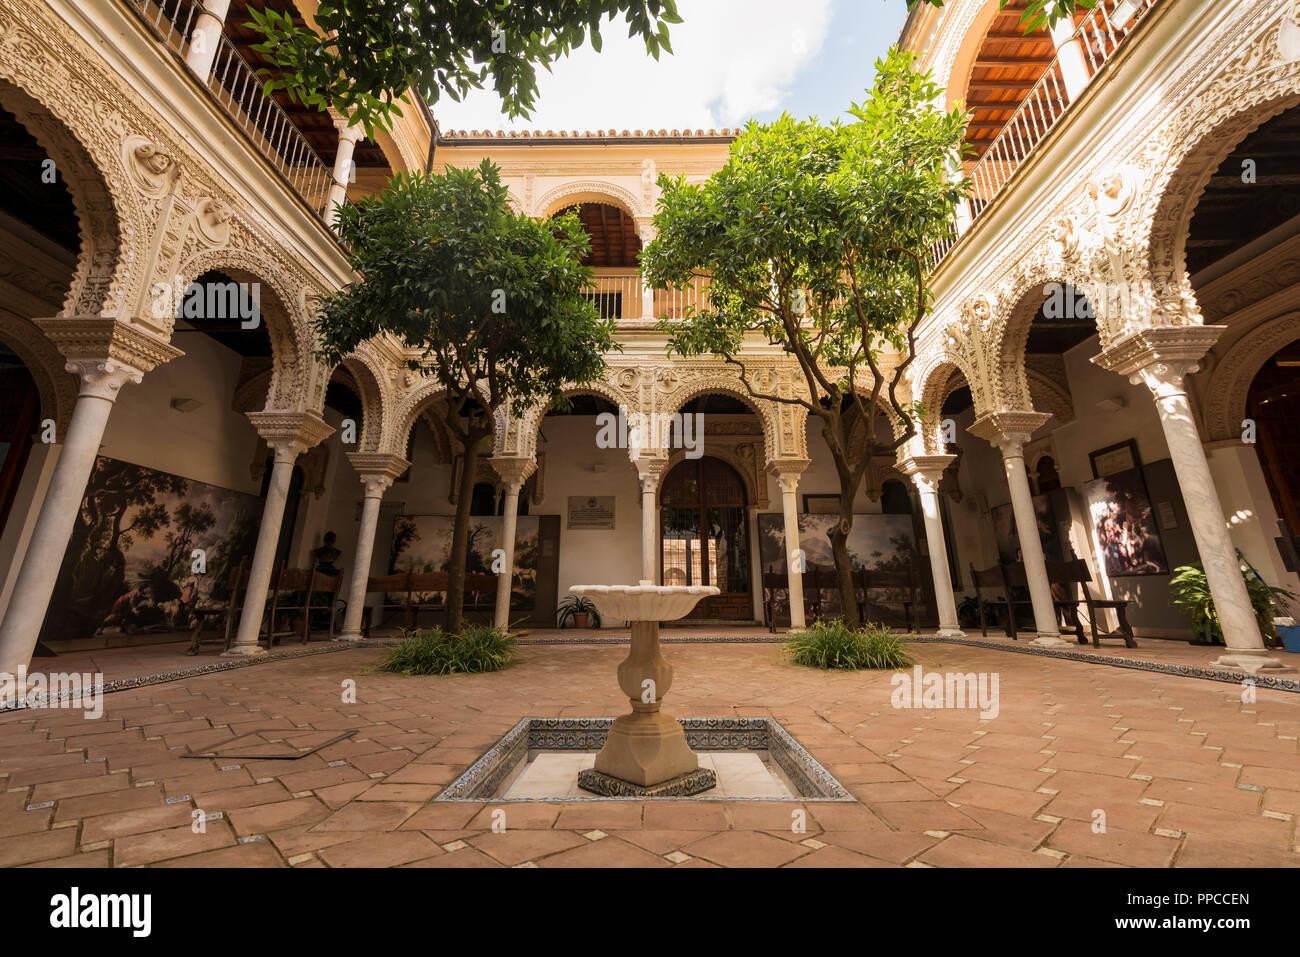 Cortile con portico, architettura araba, Casa de los Pinelo, Andalusia, Spagna Immagini Stock